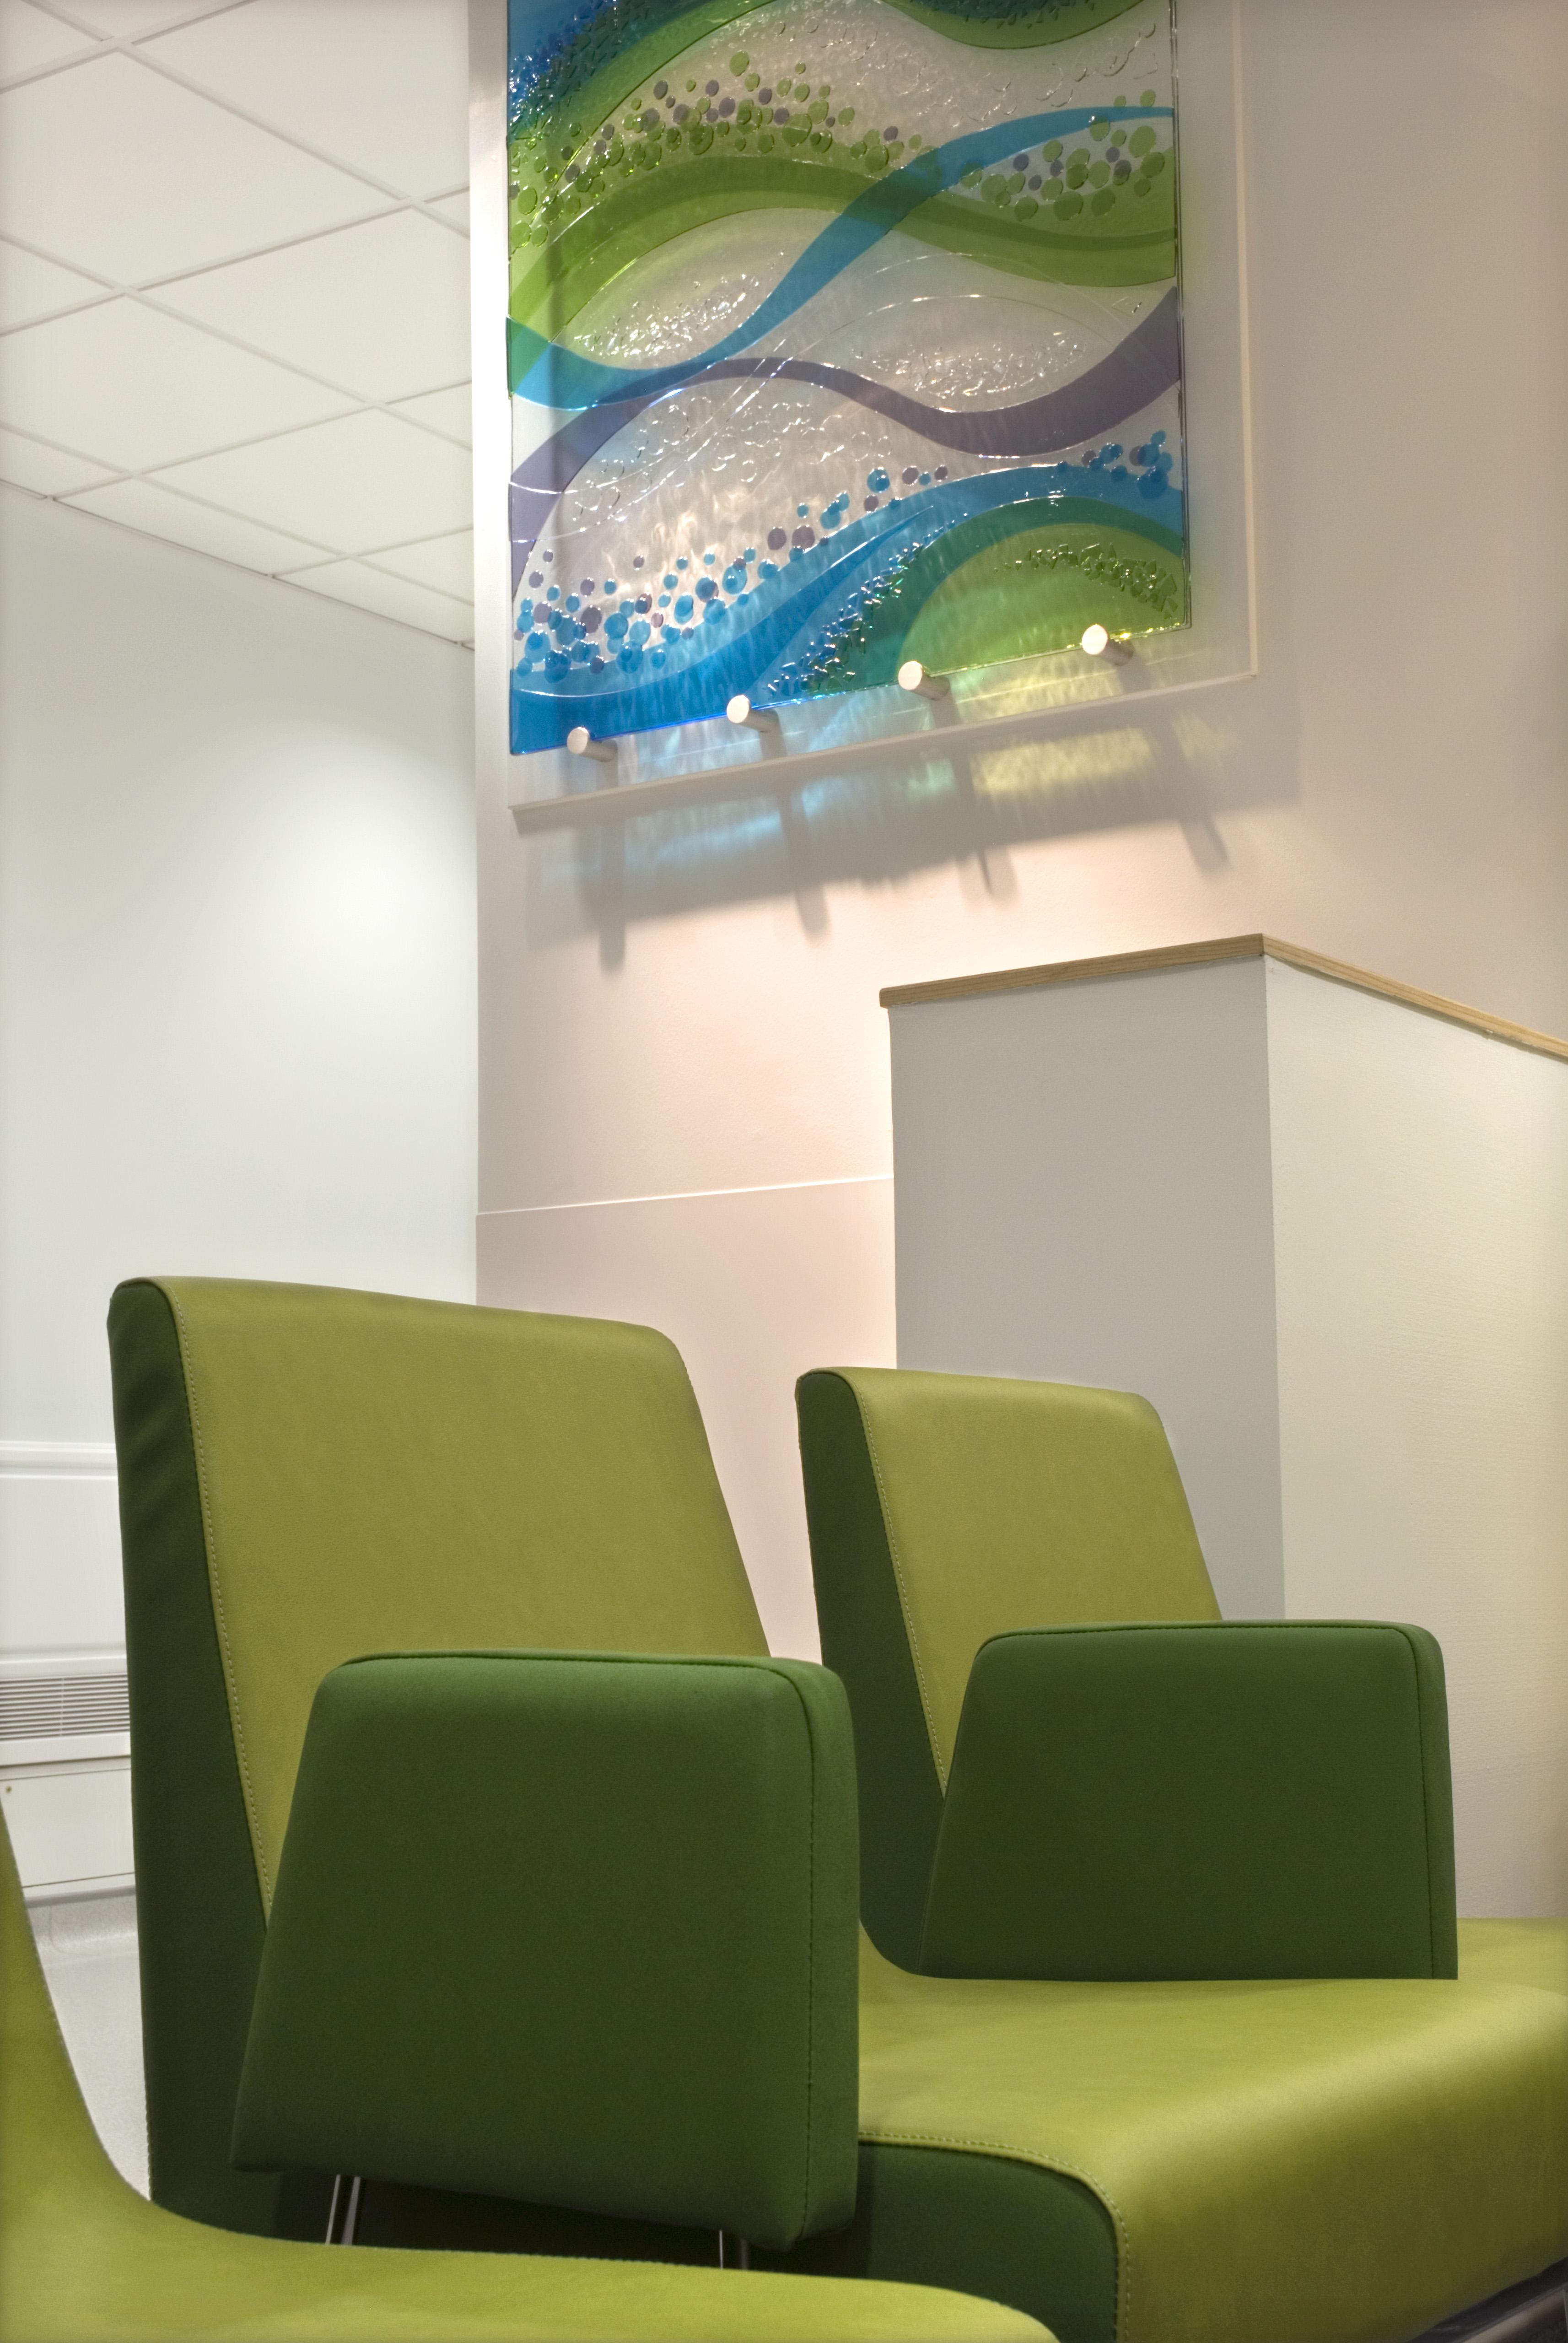 frimley-park-hospital-sept-09-43